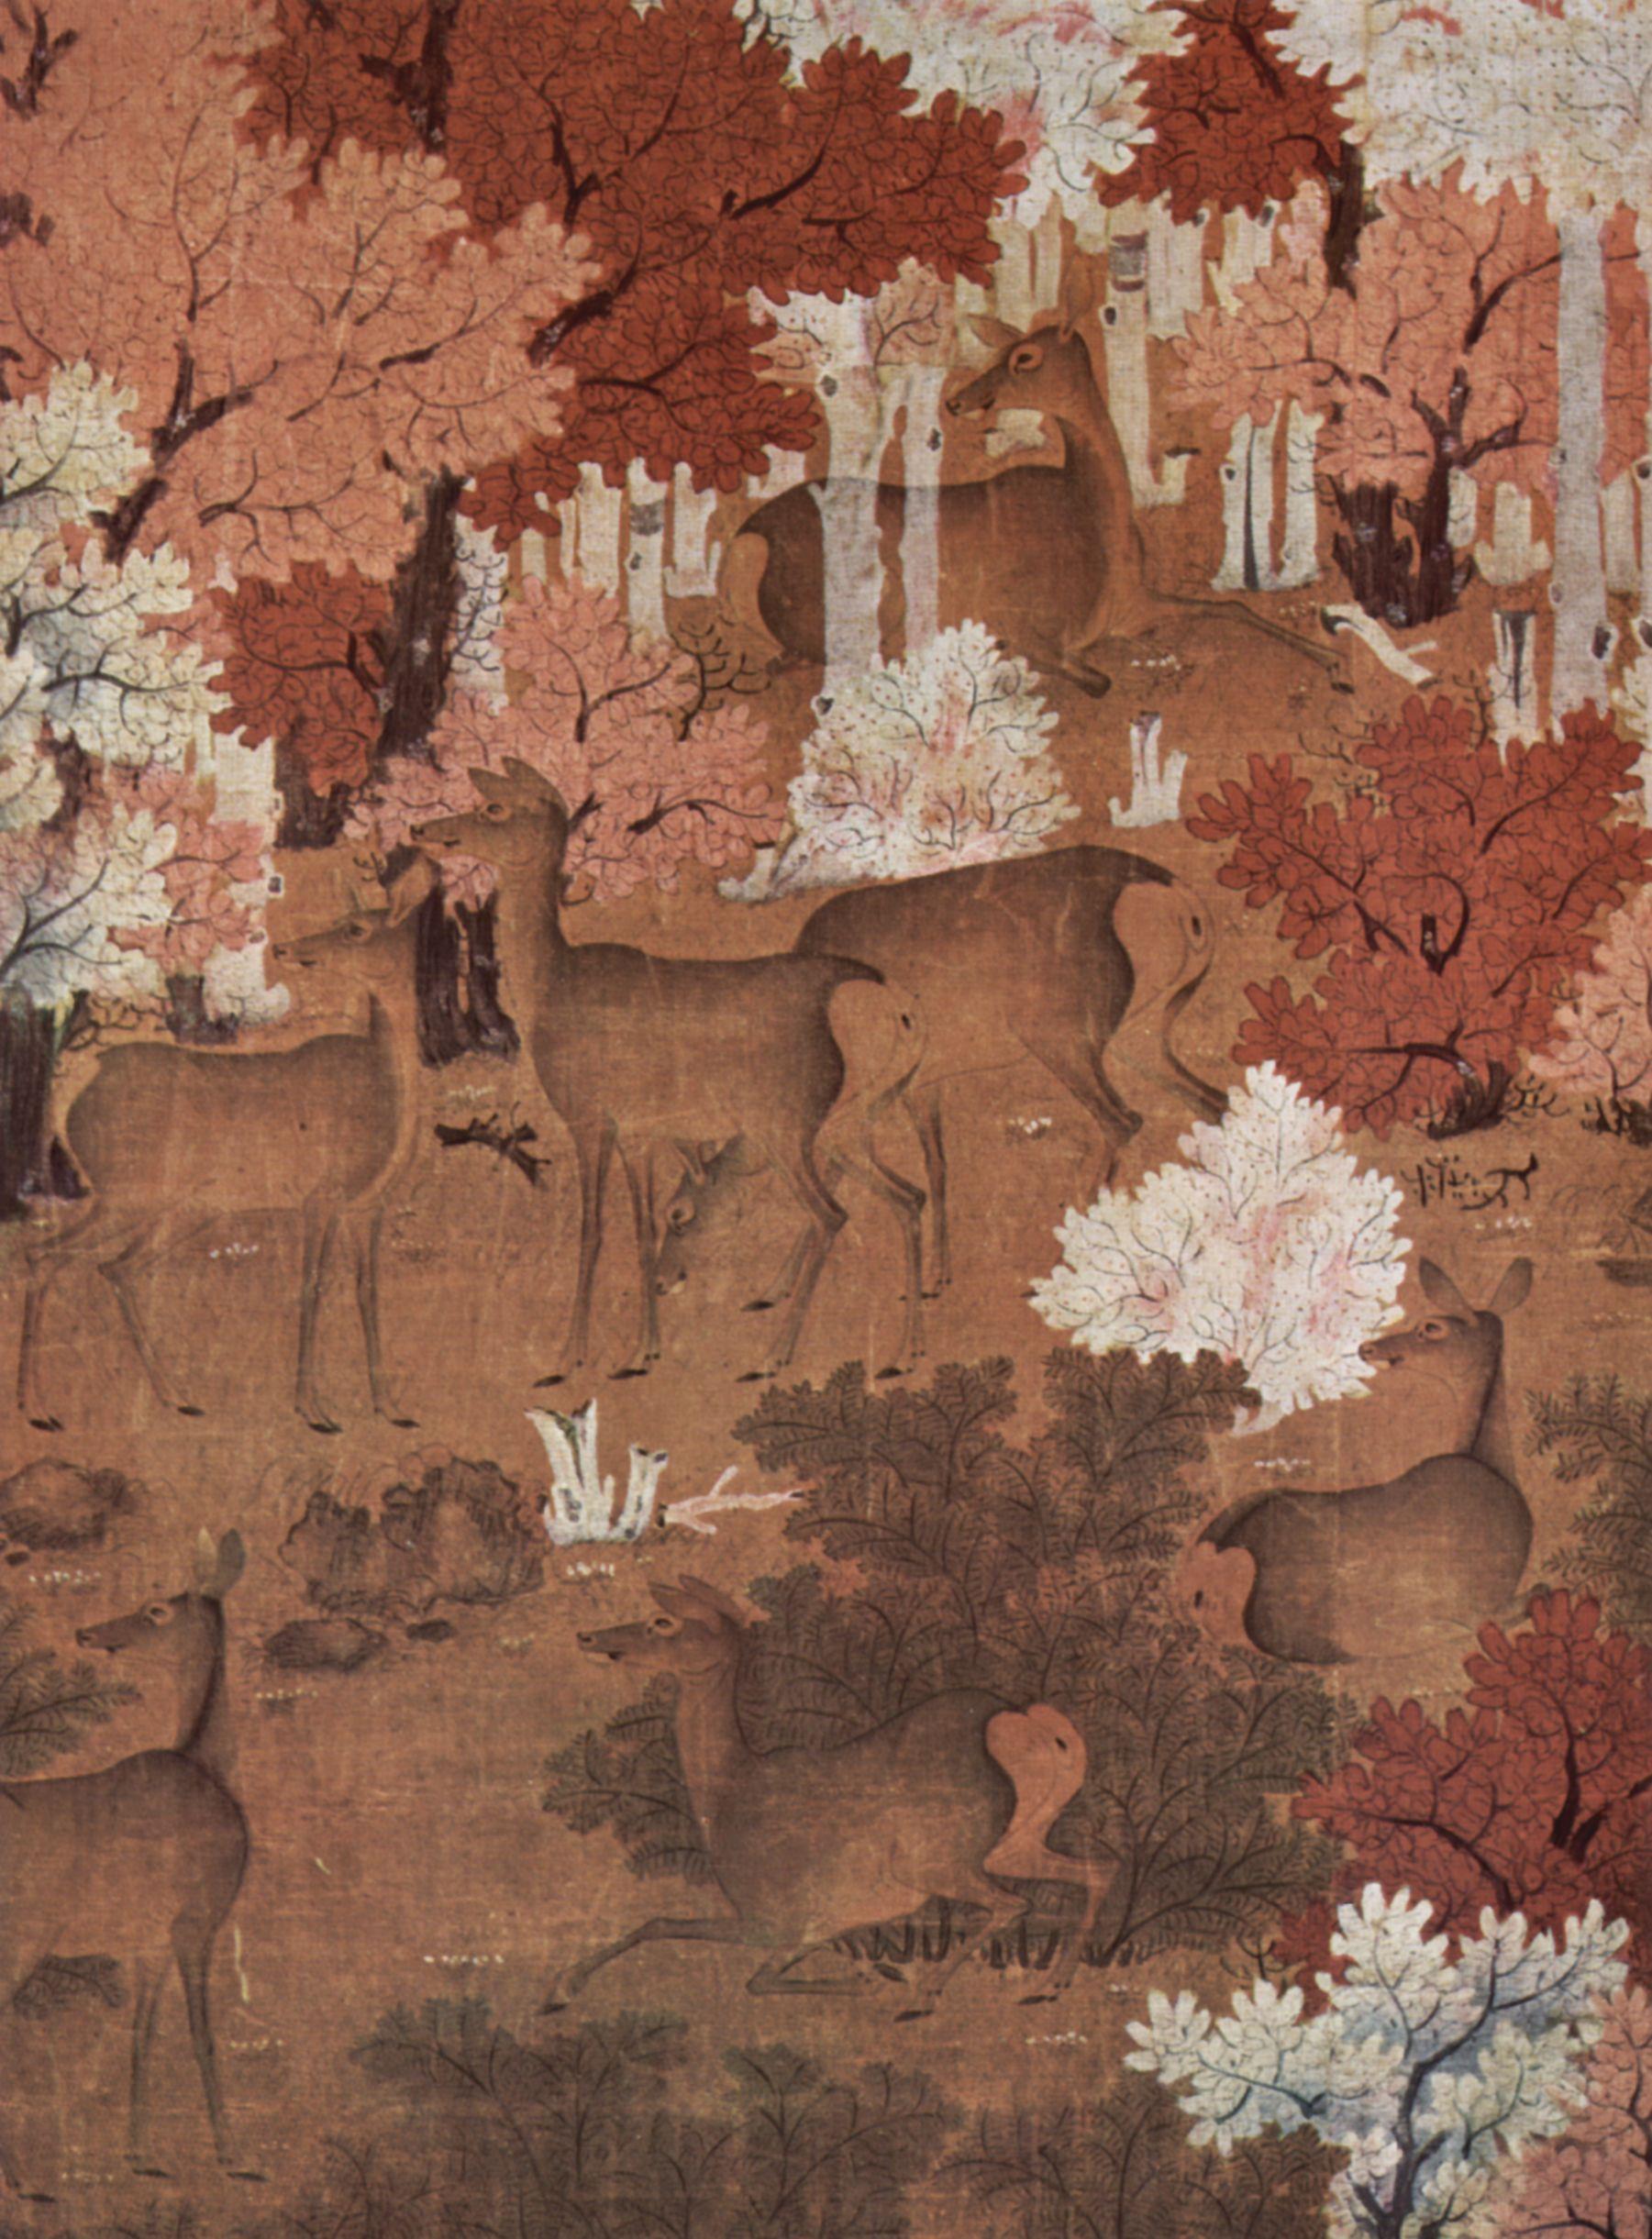 chinesischer maler des 10 jahrhunderts ii wild. Black Bedroom Furniture Sets. Home Design Ideas